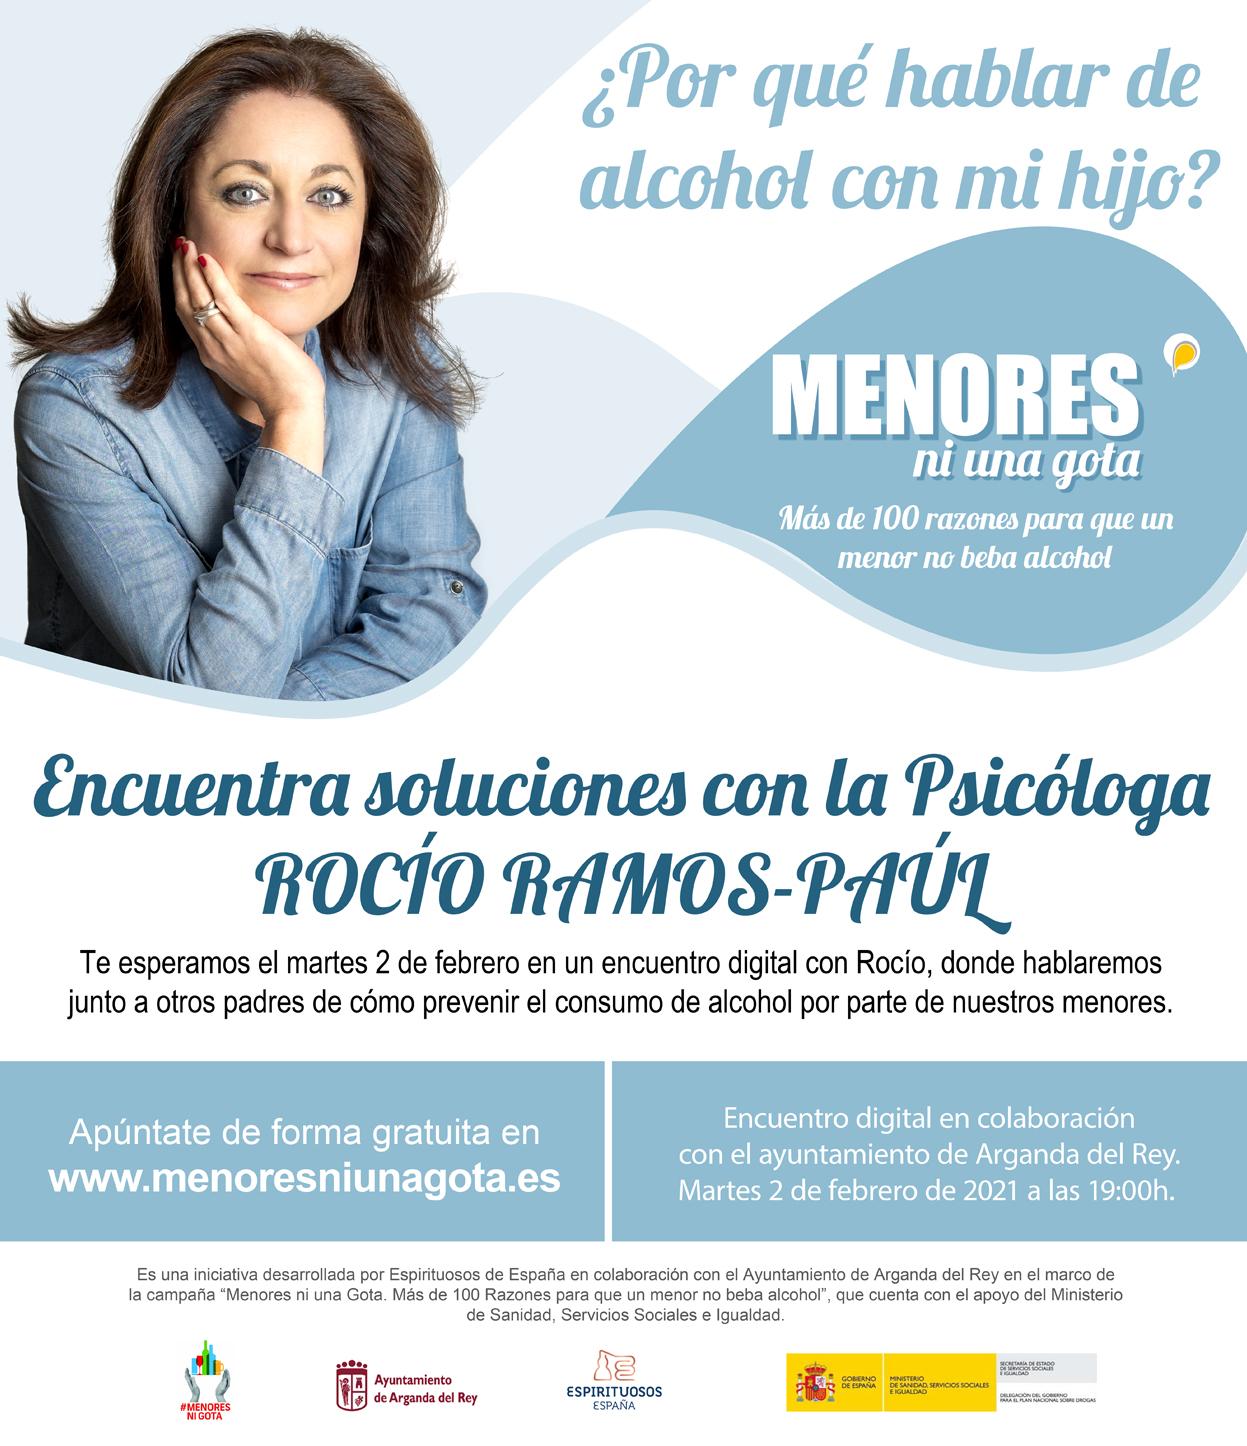 El 2 de febrero tendrá lugar un encuentro digital para prevenir el consumo de alcohol entre menores